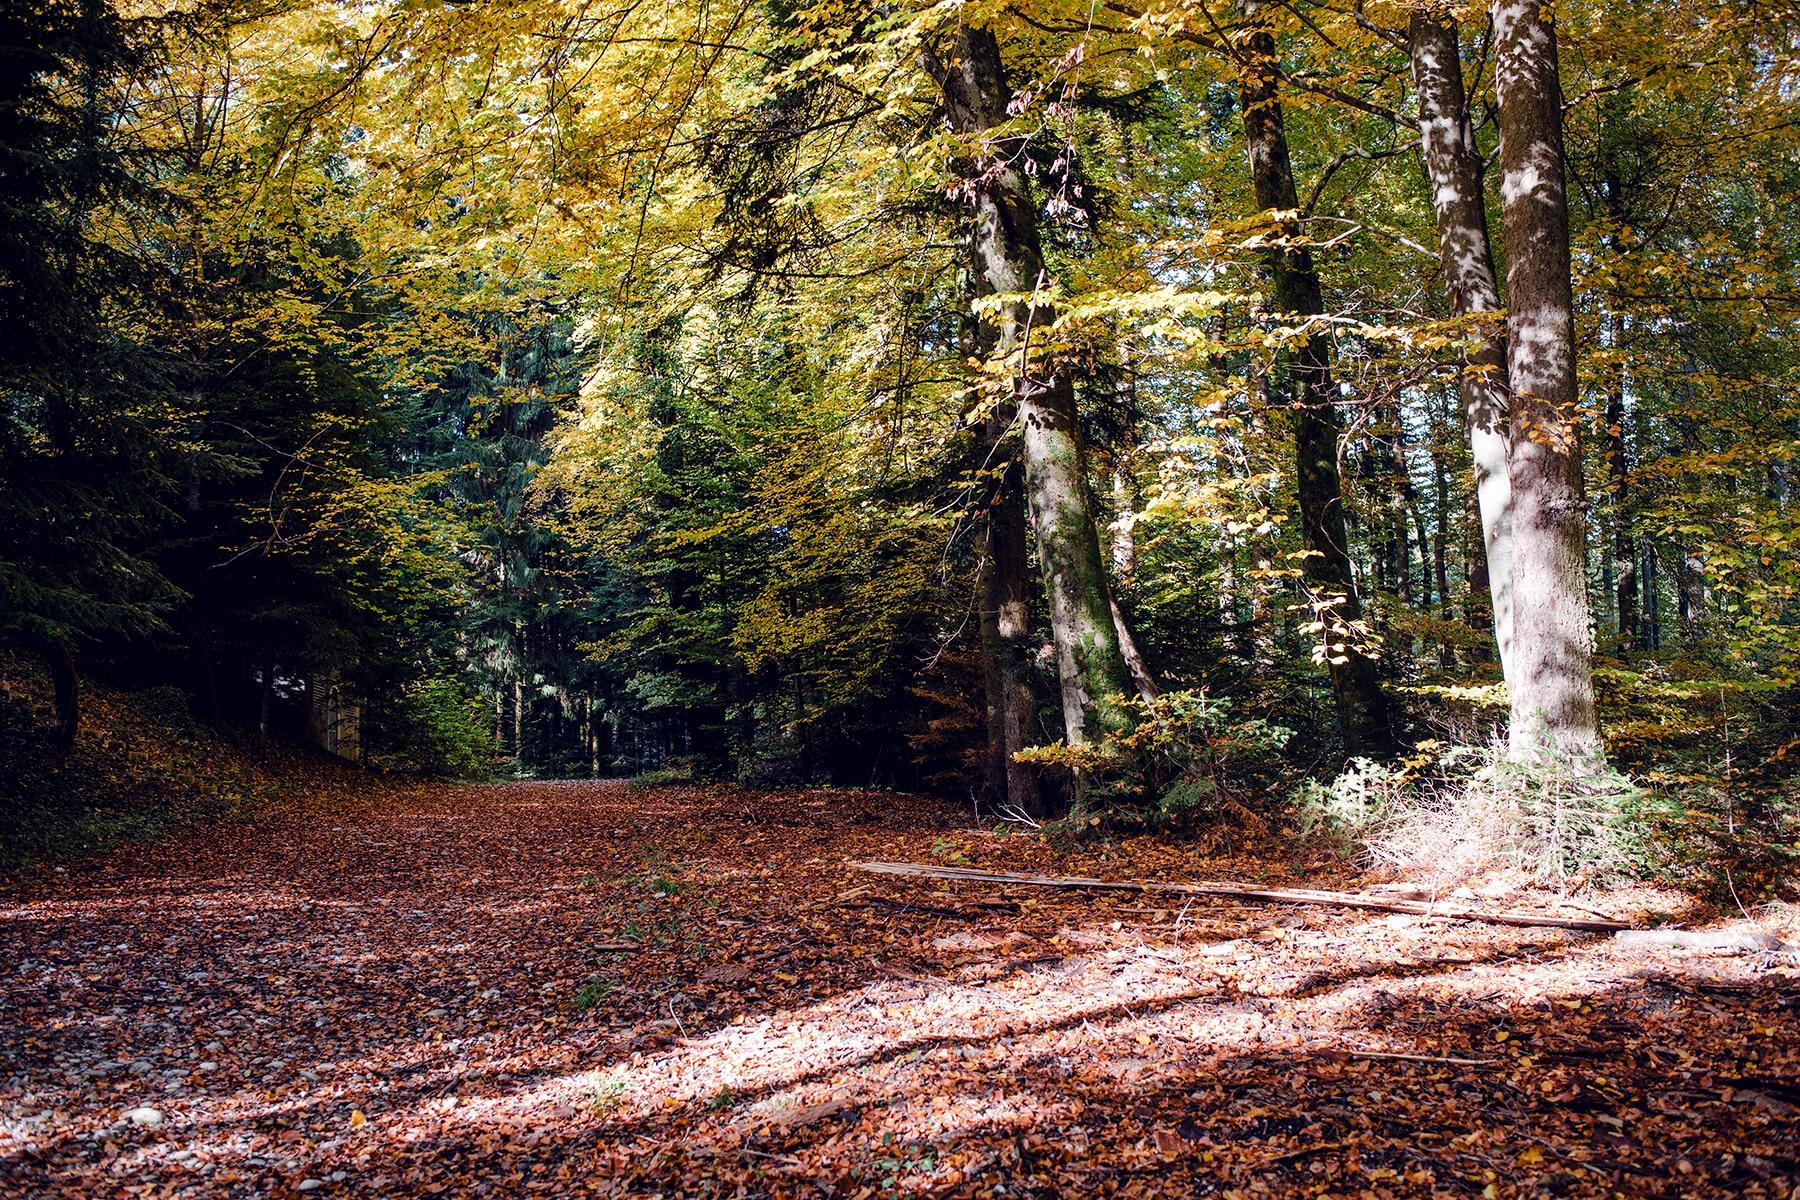 Chemin forestier couvert de feuilles mortes et bordé de hauts arbres au feuillage jaune – Promenade automnale dans la forêt de Petinesca